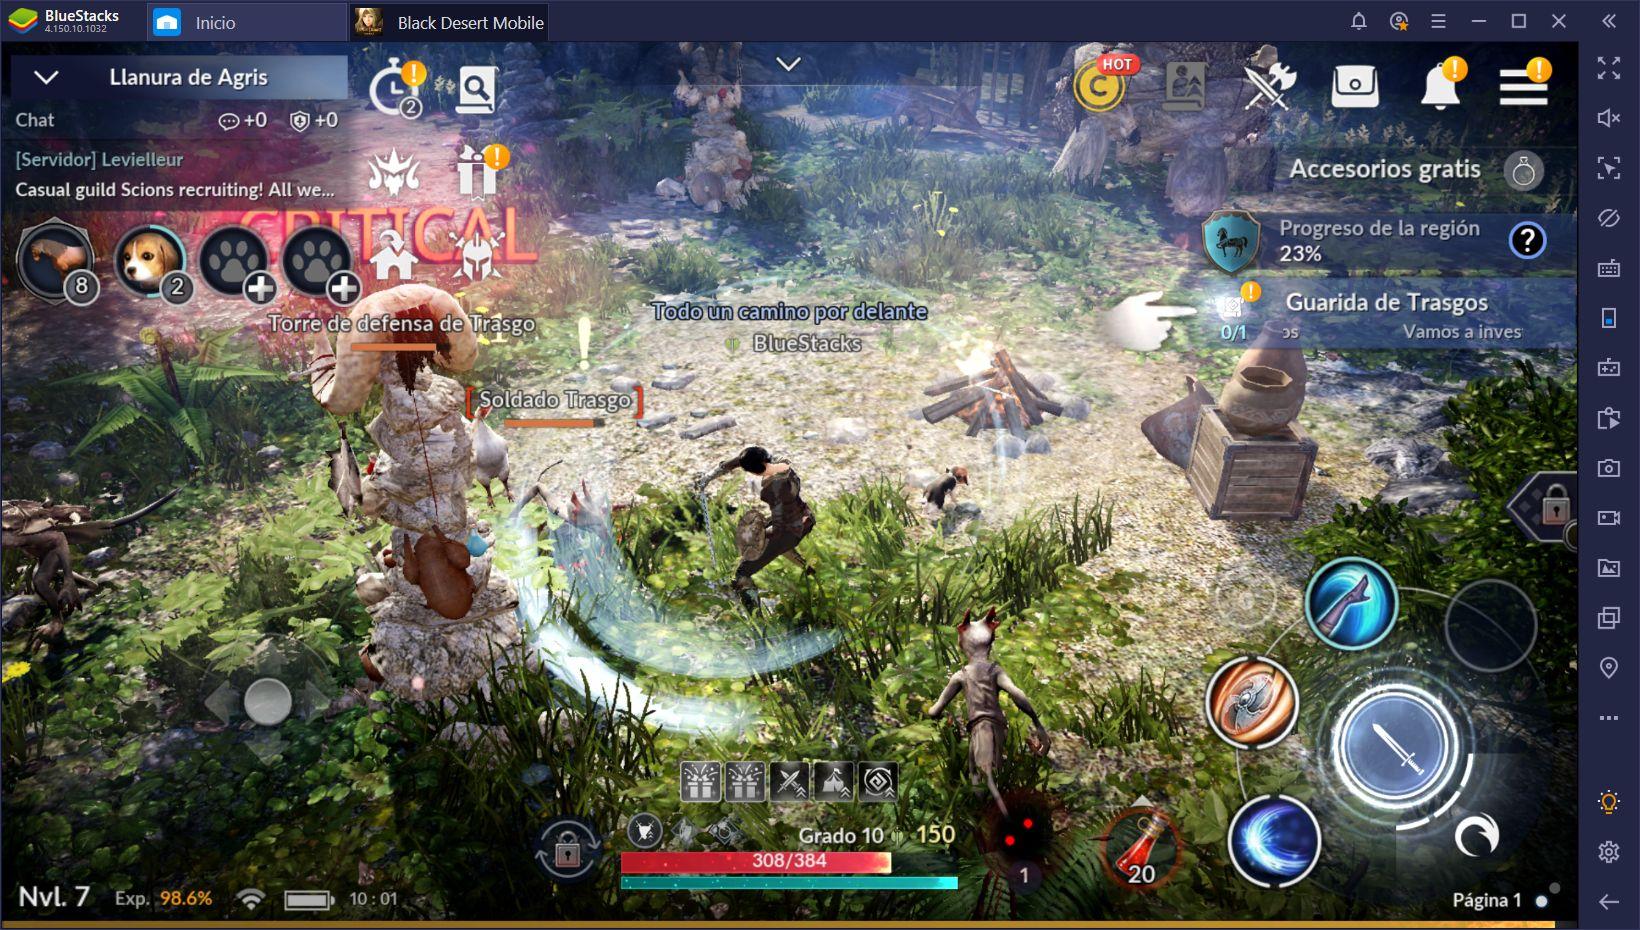 Guía de BlueStacks para Black Desert Mobile - Cómo Desatar el Full Potencial de Este MMORPG